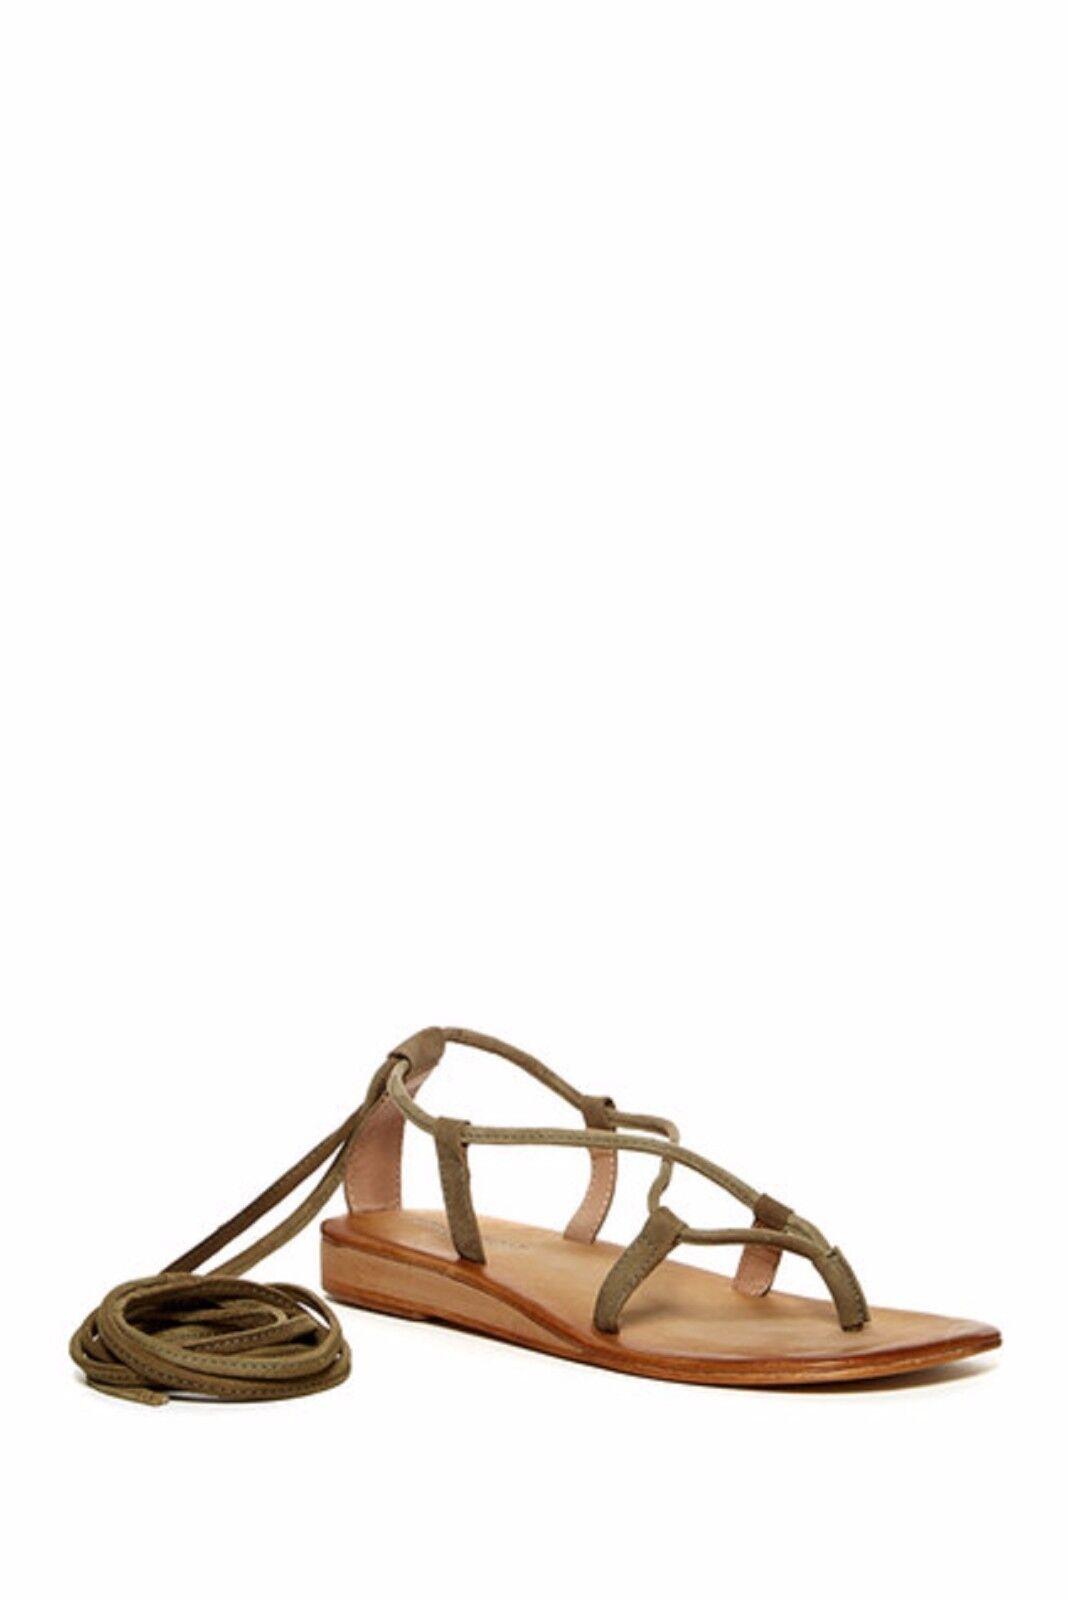 Jeffrey Campbell Lima Strappy Sandal Sz 6